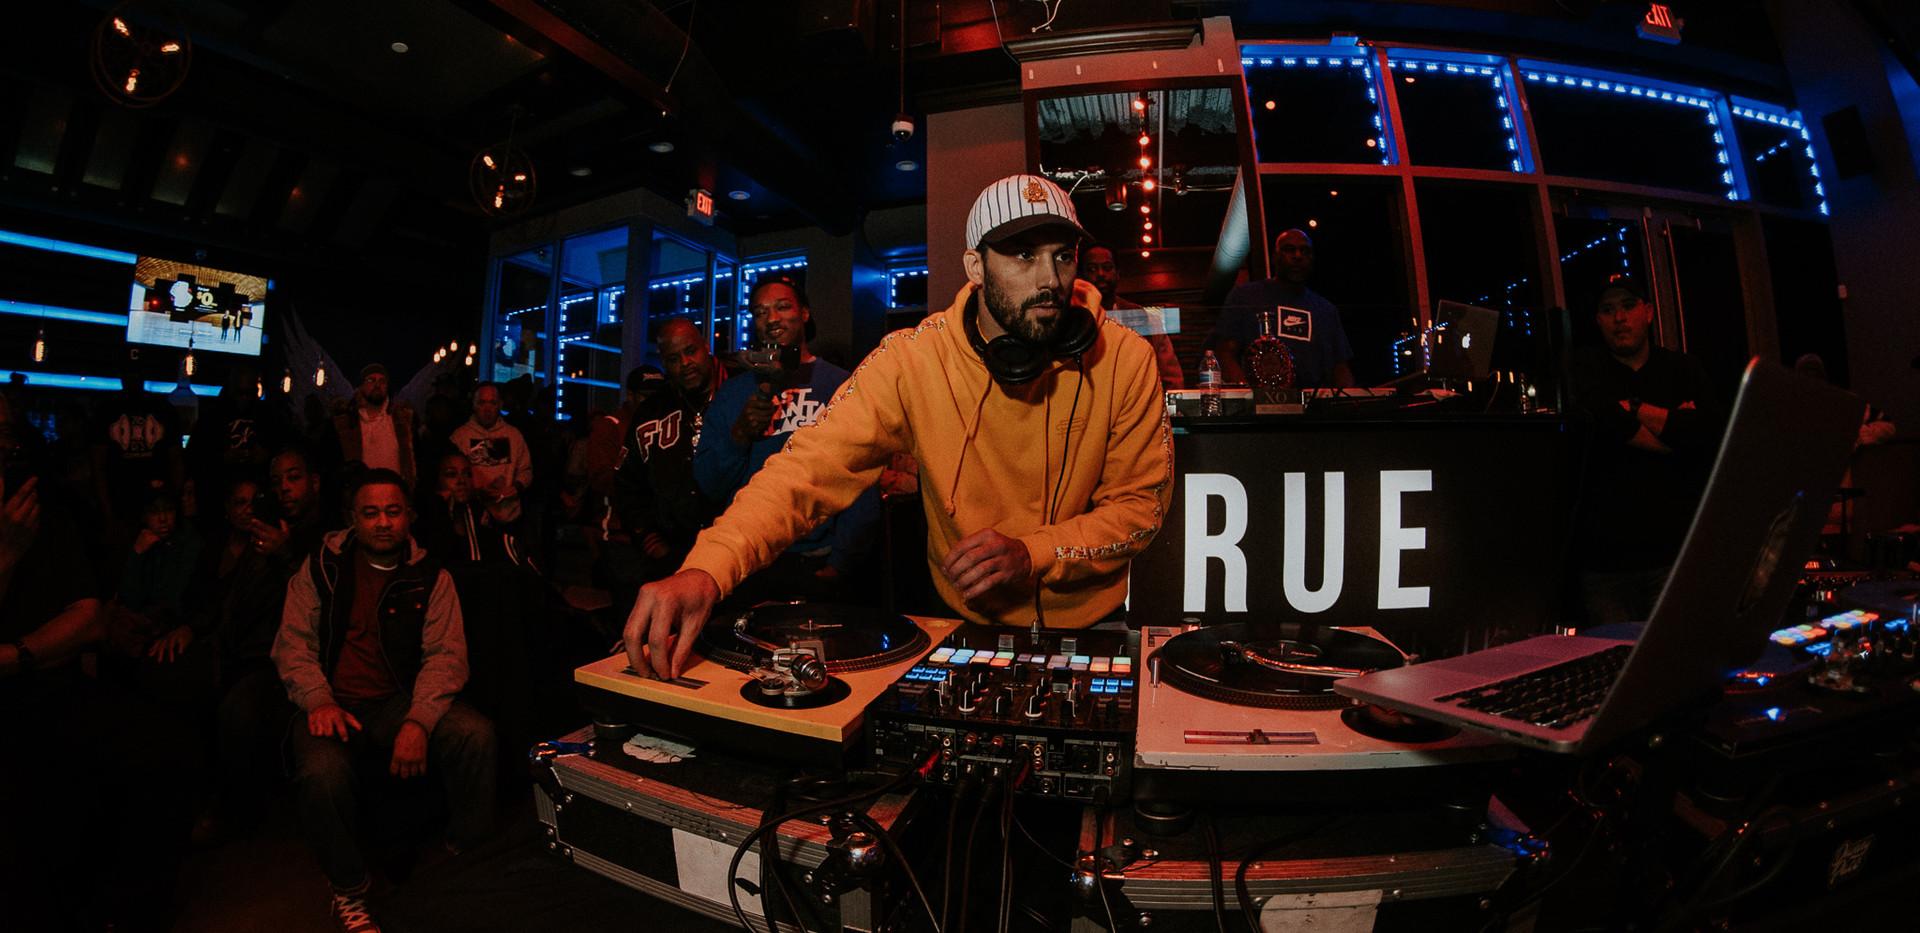 DJ+Blend+Battle+%40++True+%2887+of+248%2